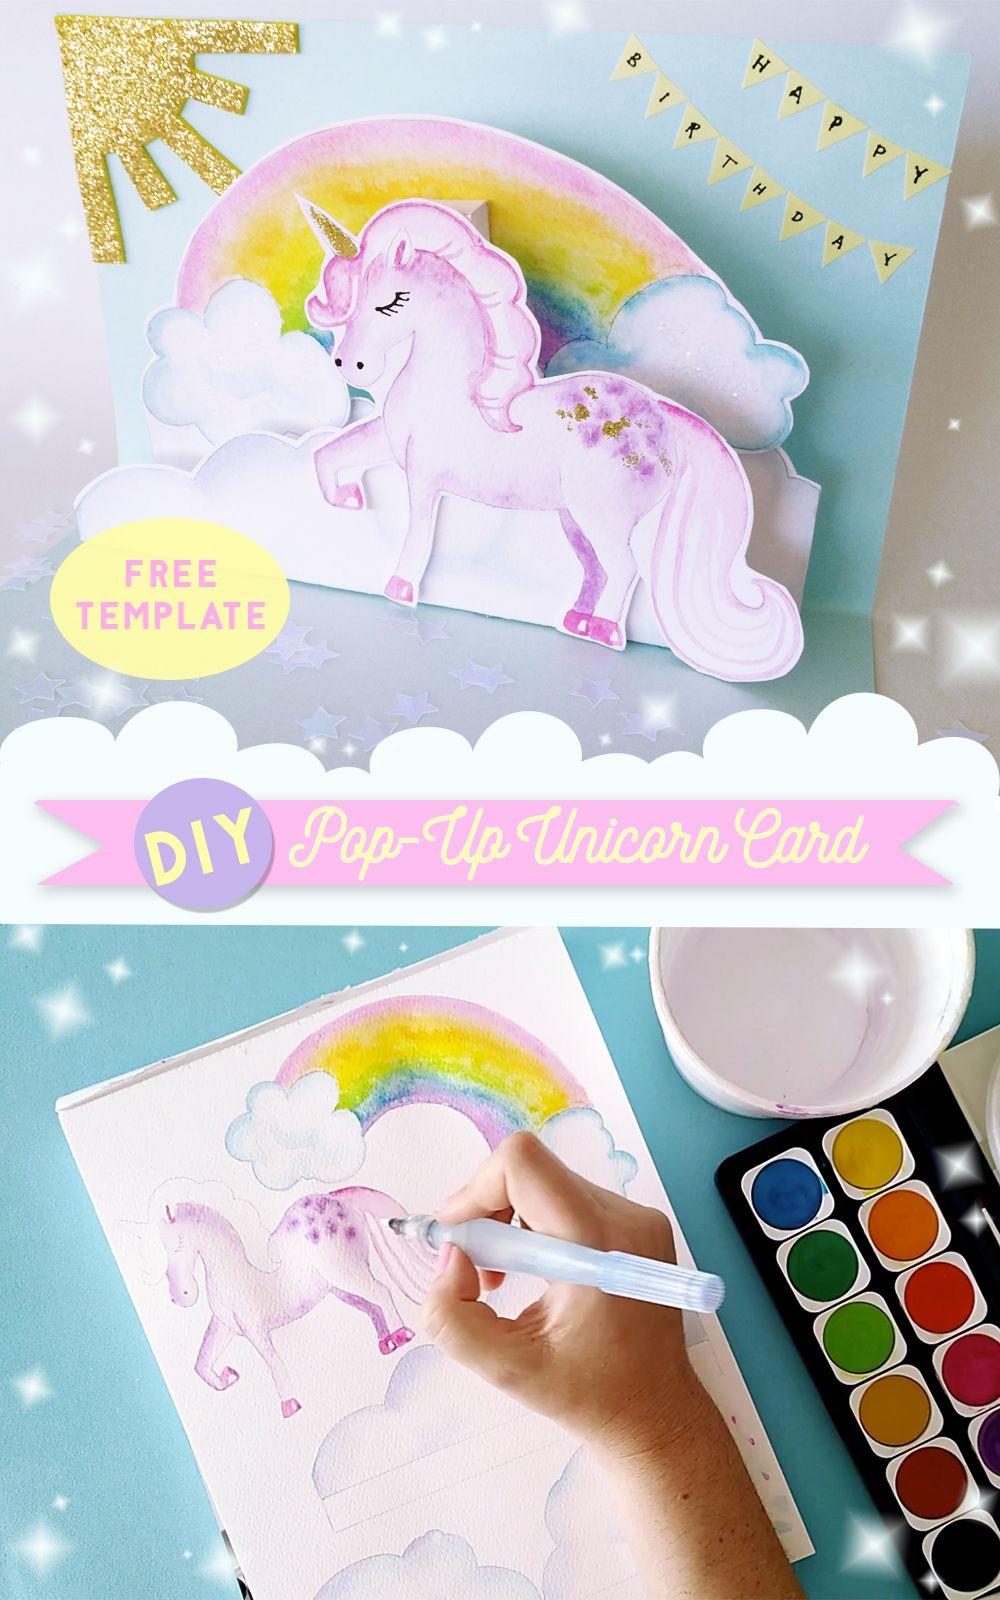 Diy Pop Up Unicorn Birthday Card Unicorn Birthday Cards Diy Unicorn Birthday Card Unicorn Card